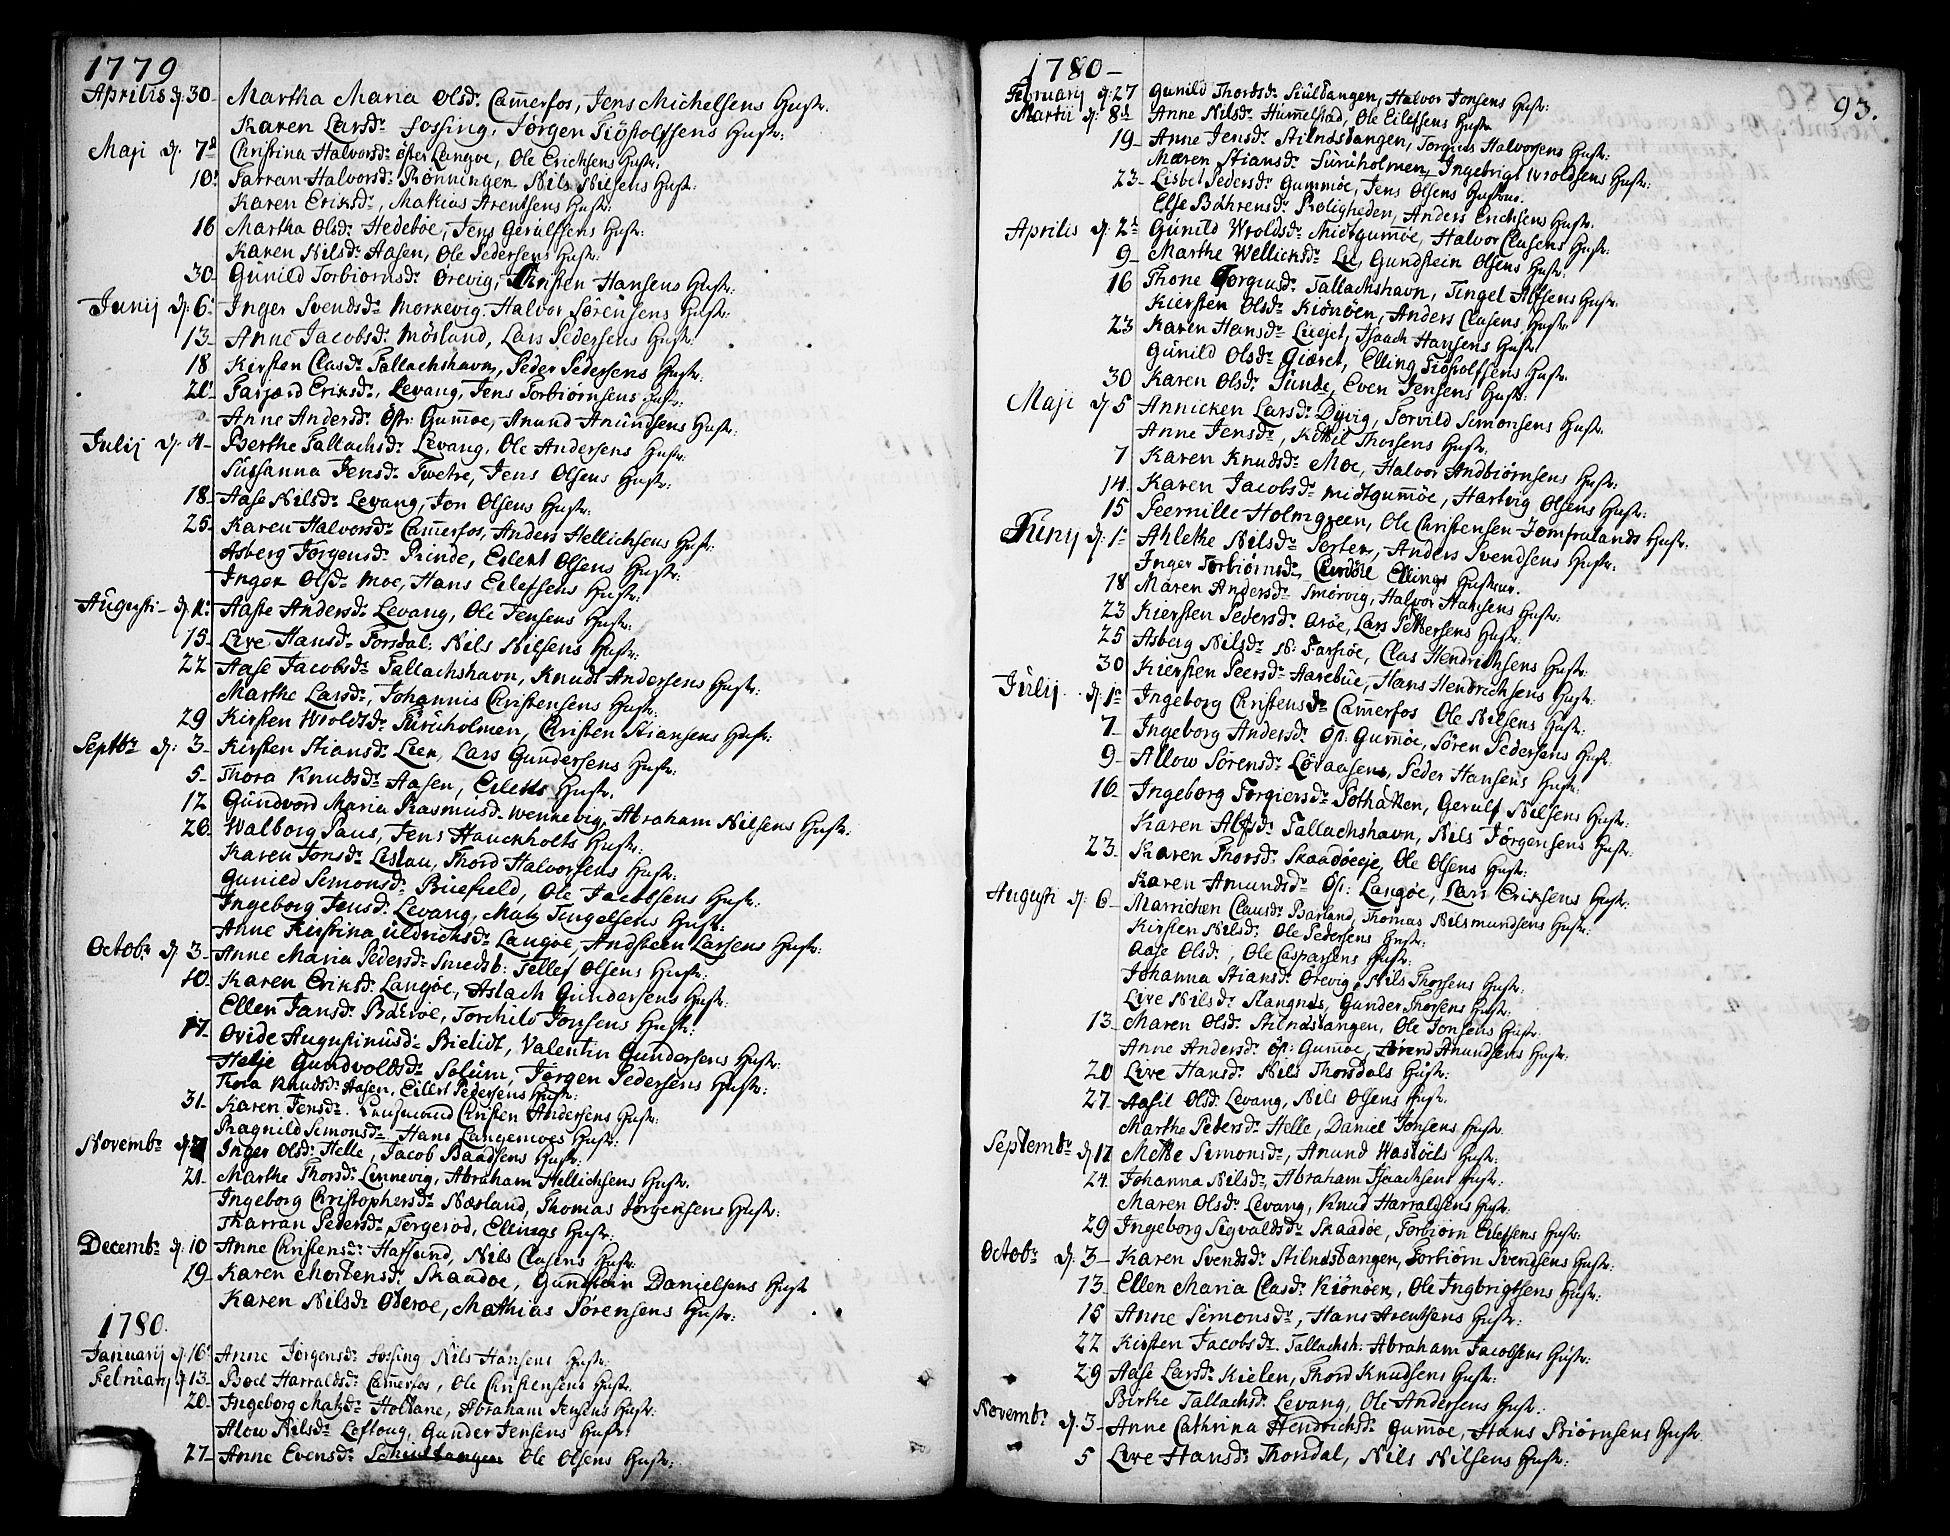 SAKO, Sannidal kirkebøker, F/Fa/L0002: Ministerialbok nr. 2, 1767-1802, s. 93